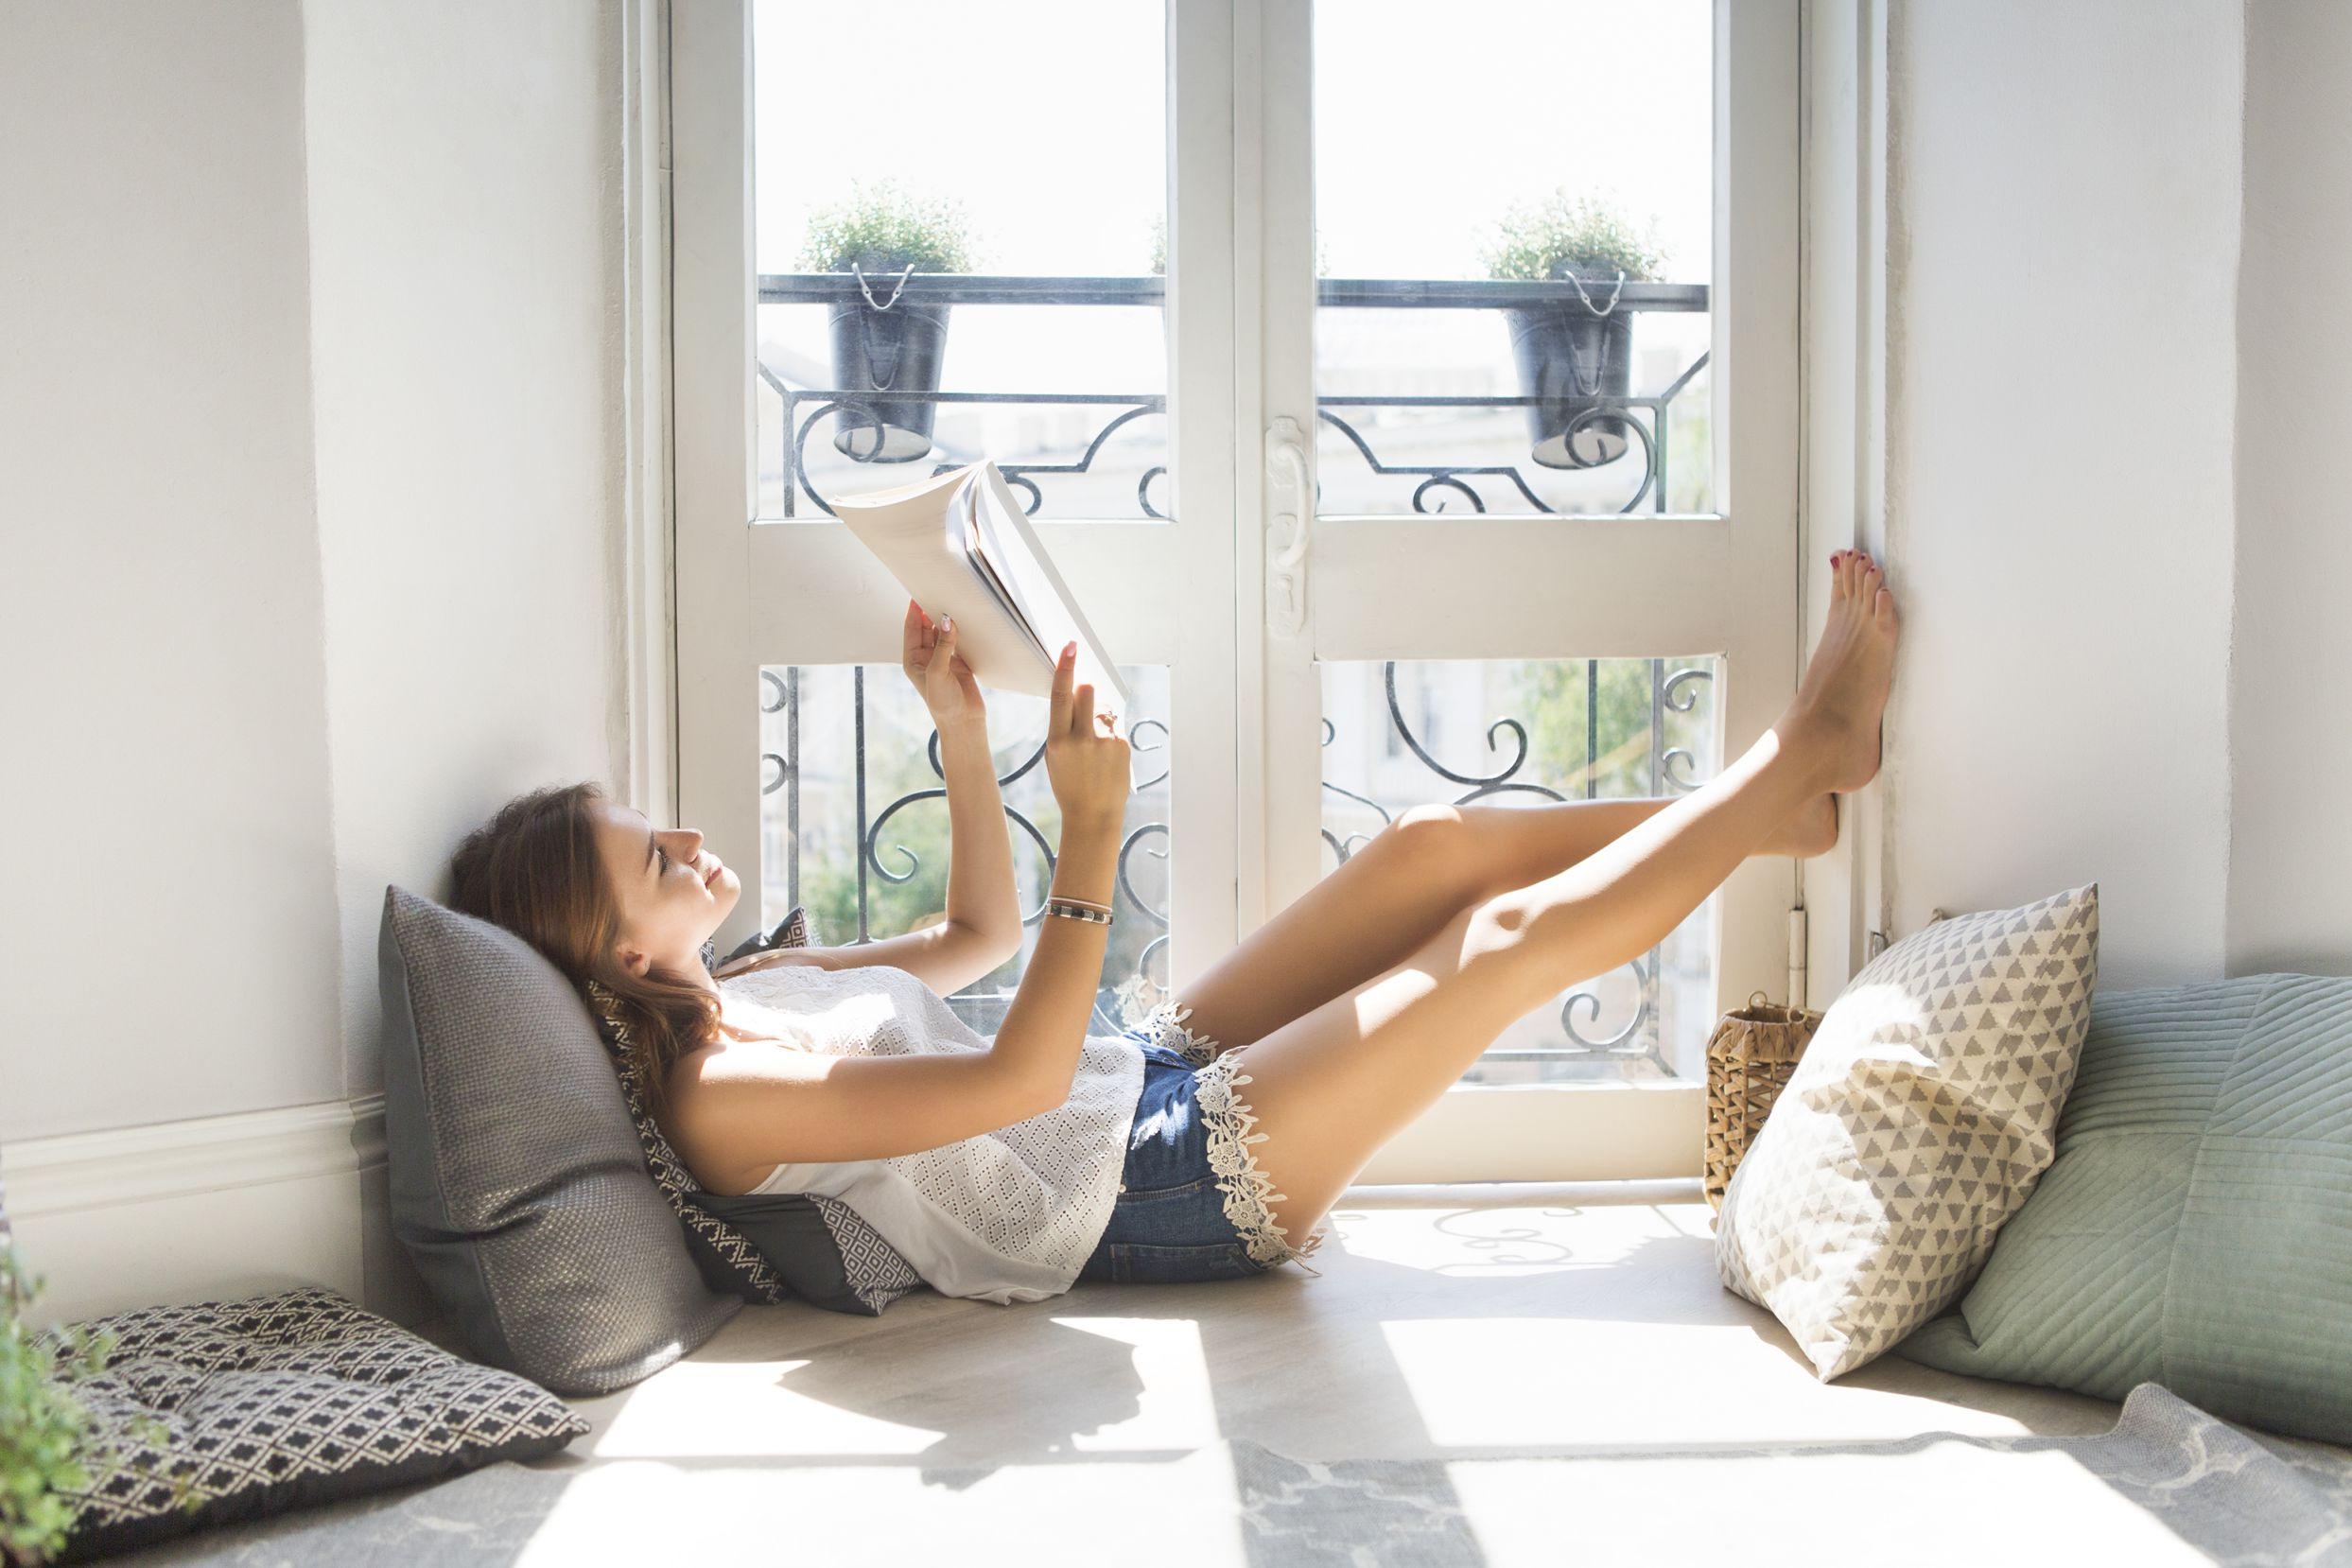 confort thermique dans la maison